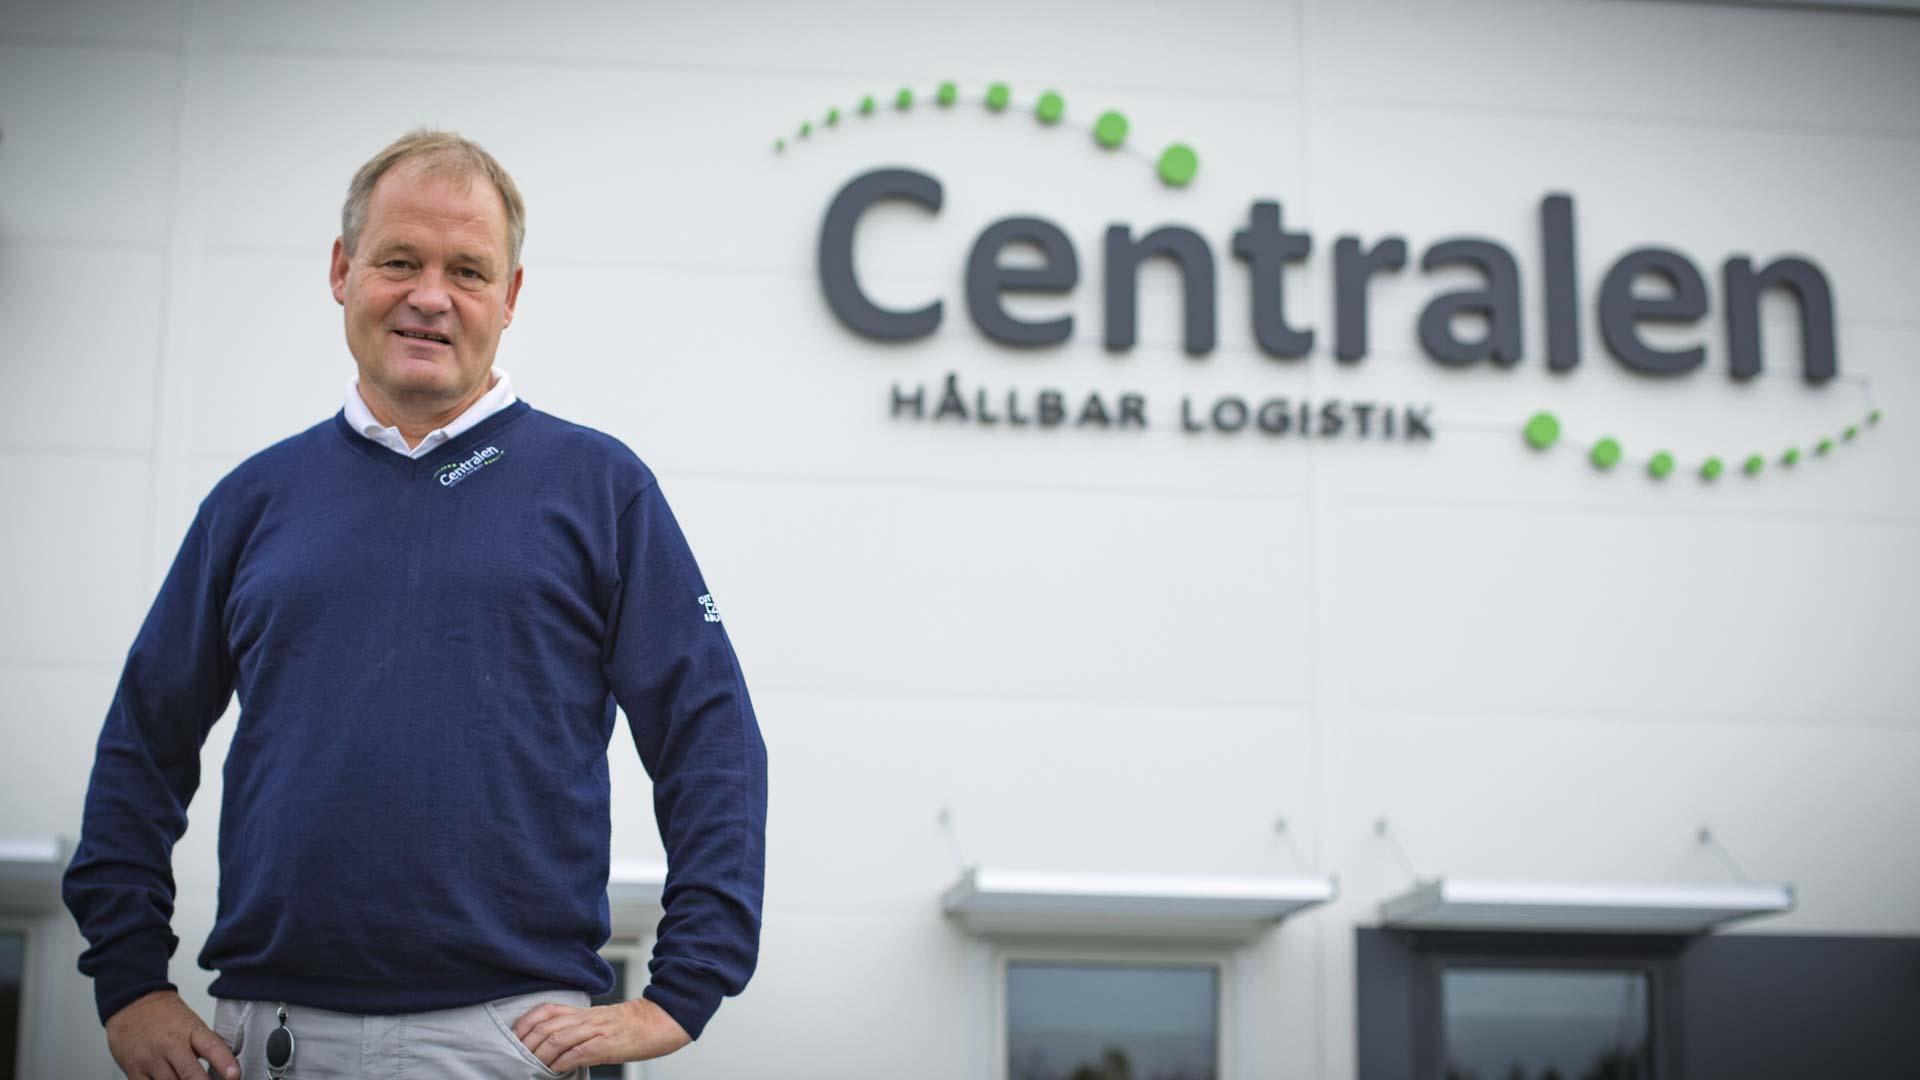 Centralen och vd:n Johan Carlén tror på en stark framtid i Tvåstad och nätverkande i goda sammanhang